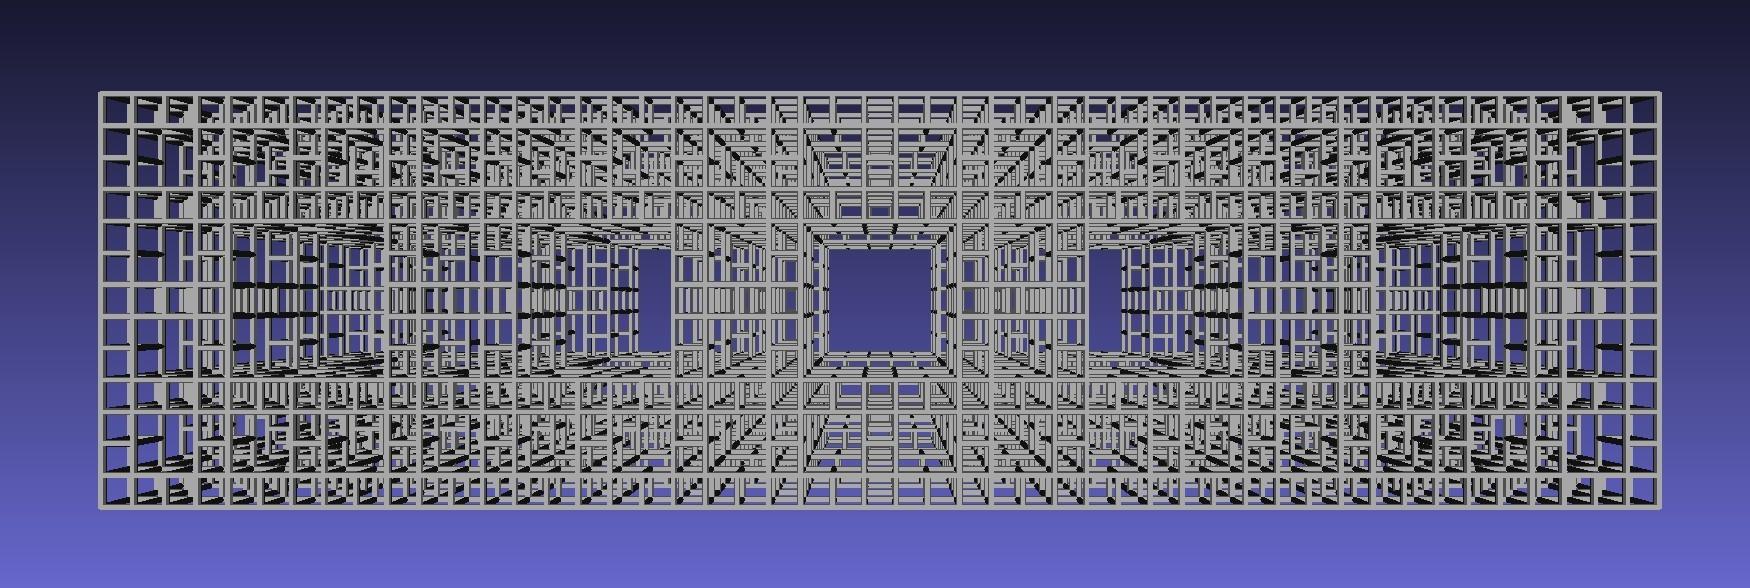 Cubic fractal truss